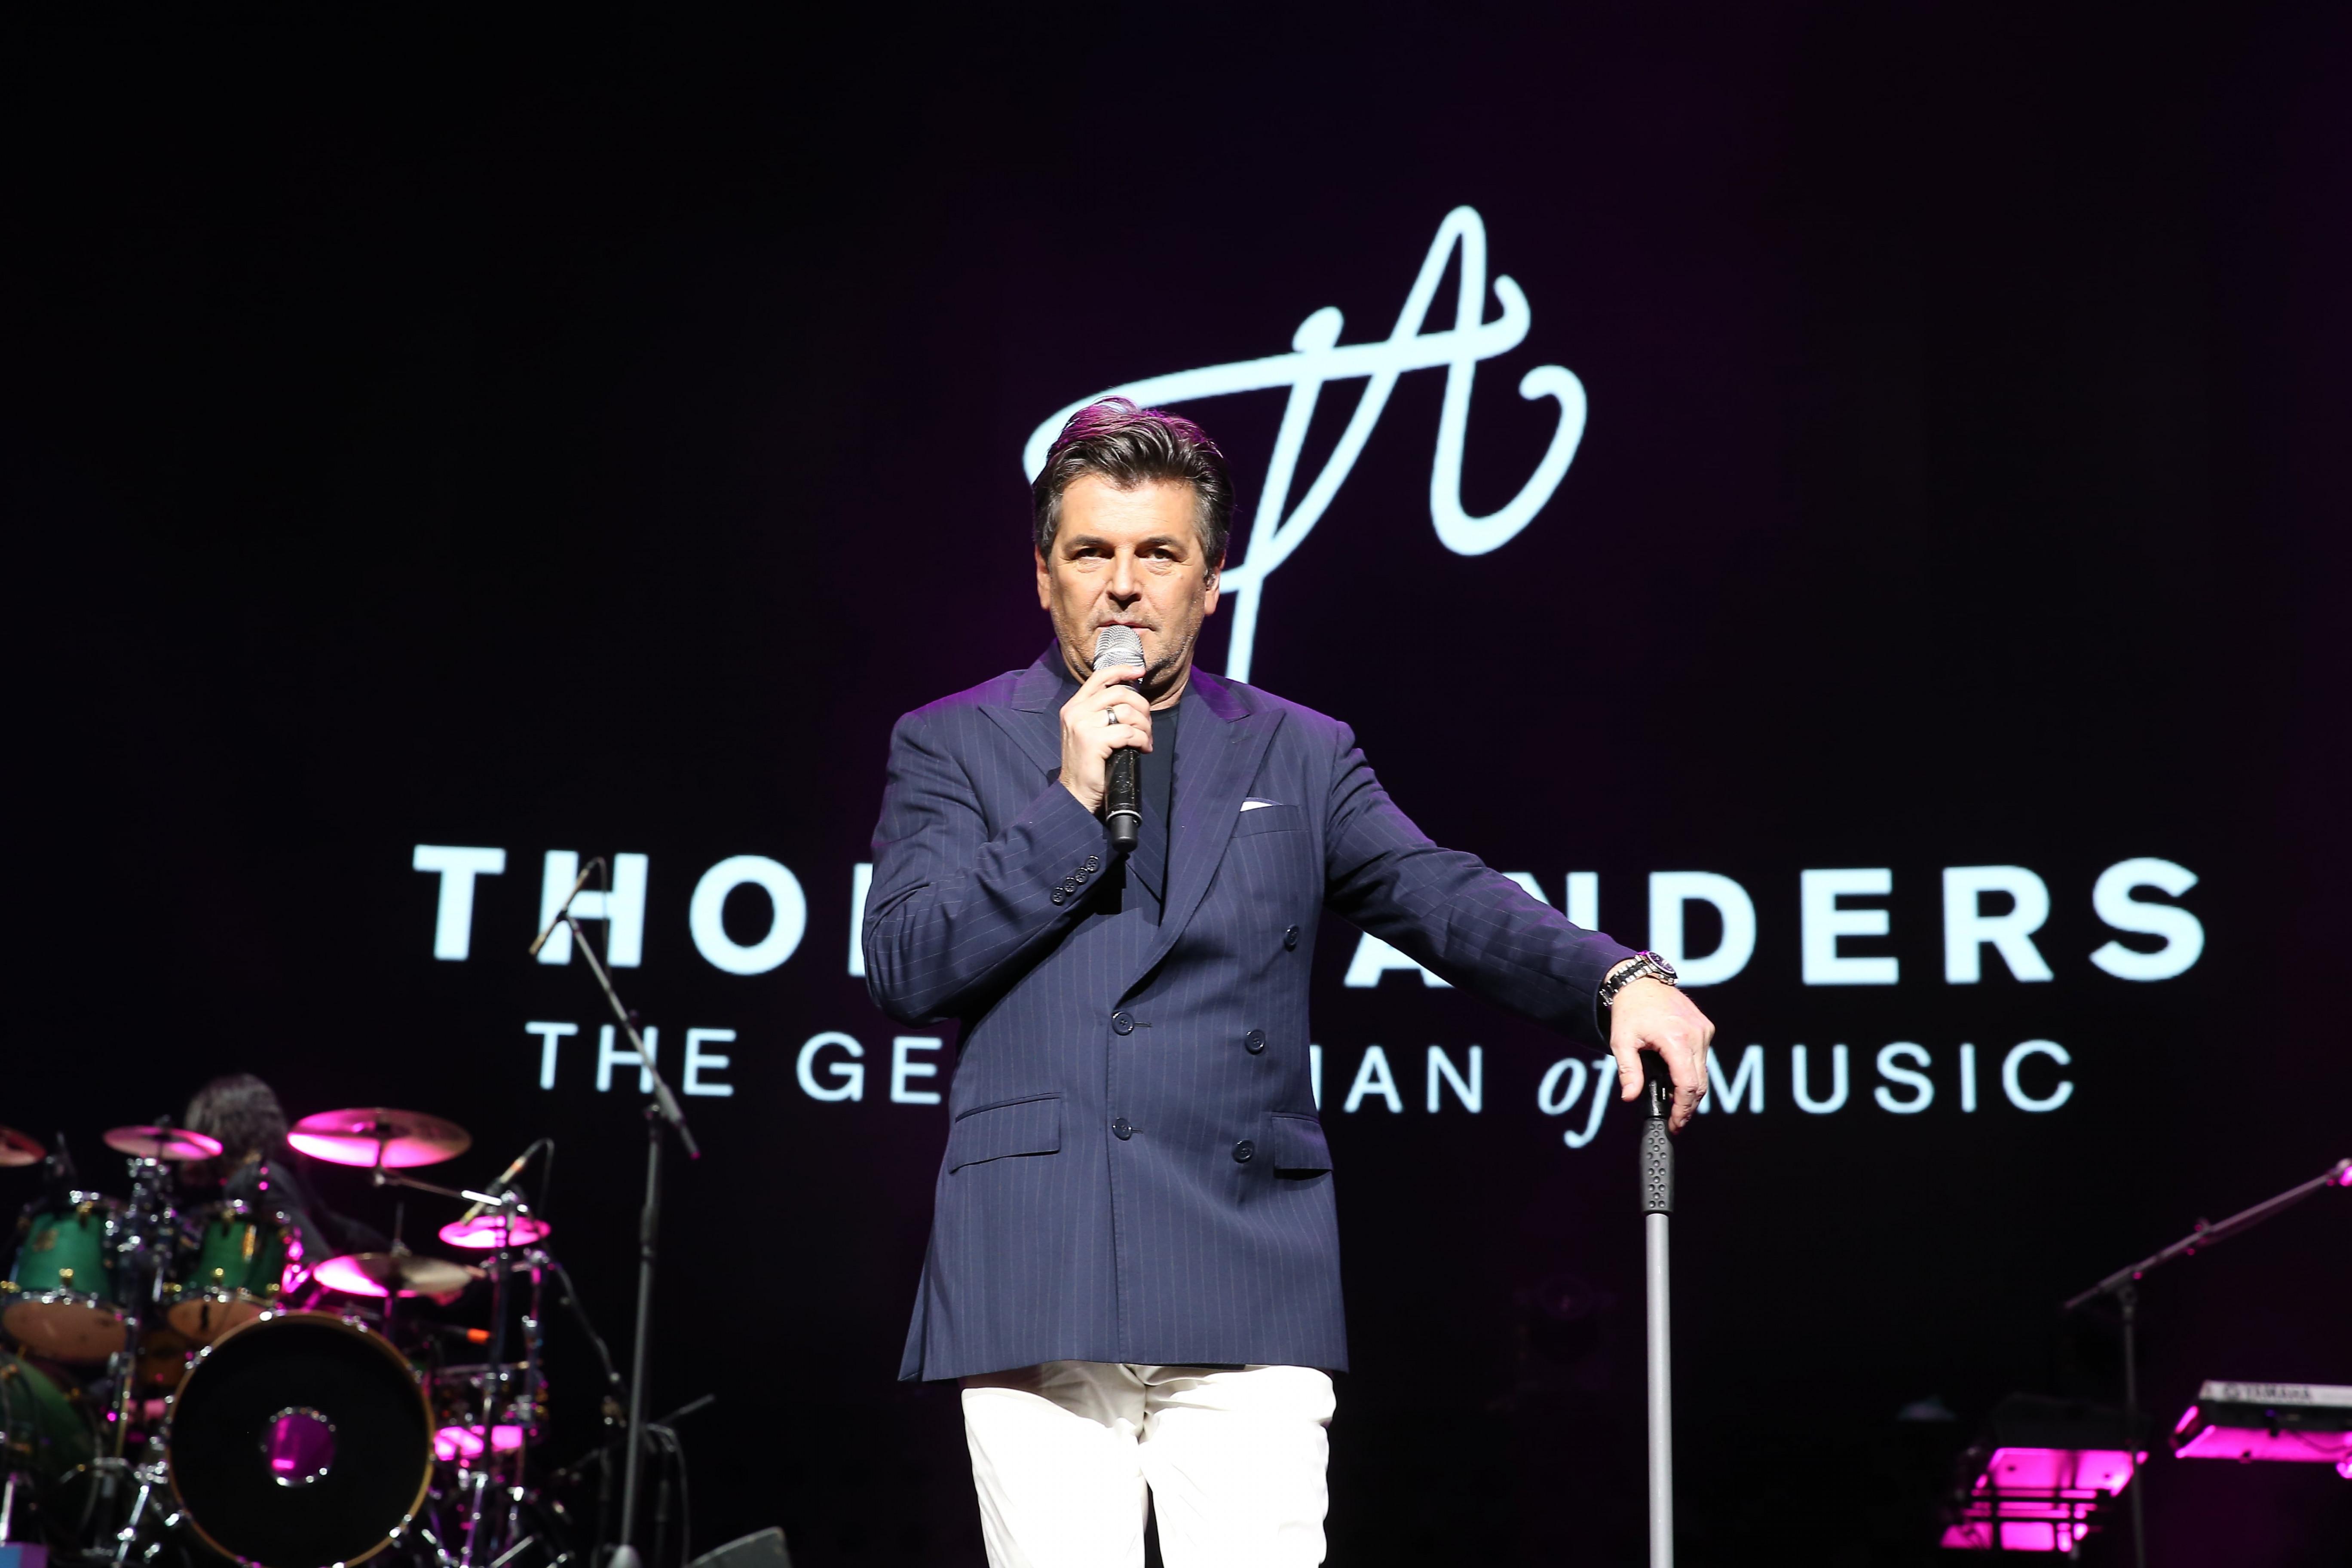 """Đêm nhạc khắc họa chân dung một Thomas Anders hào hoa, lịch lãm trong âm nhạc đúng như chủ đề - """"Thomas Anders - The Gentlemen of Music"""". Dường như Thomas Anders muốn nhấn mạnh ở thời điểm hiện tại, ông là một """"quý ông chơi nhạc"""" chứ không phải là """"một nửa"""" Modern Talking. Ông diện vest đen, quần trắng và đi giày thể thao giản dị. Ở tuổi 55, nam ca sĩ vẫn thu hút bởi nét điển trai, phong độ, cách trình diễn giàu năng lượng và giọng ca đầy nội lực. Trong gần 3 tiếng đồng hồ, ông hát 20 ca khúc. Phần đầu gồm các bản nhạc một thời của Modern Talking như Atlantic is Calling, Lunatic, Jet Airliner, In 100 Years…"""